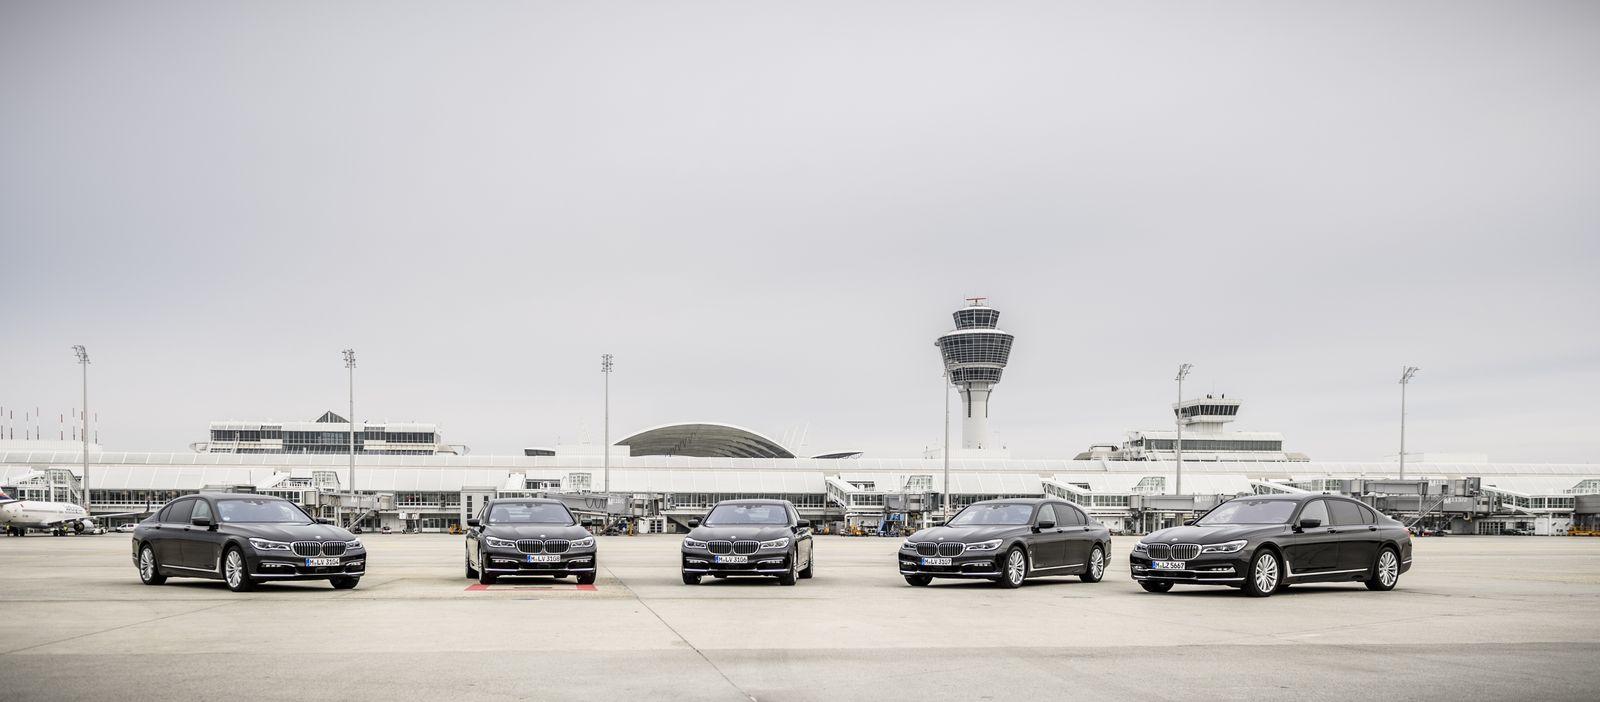 BMW-Hybridfahrzeuge